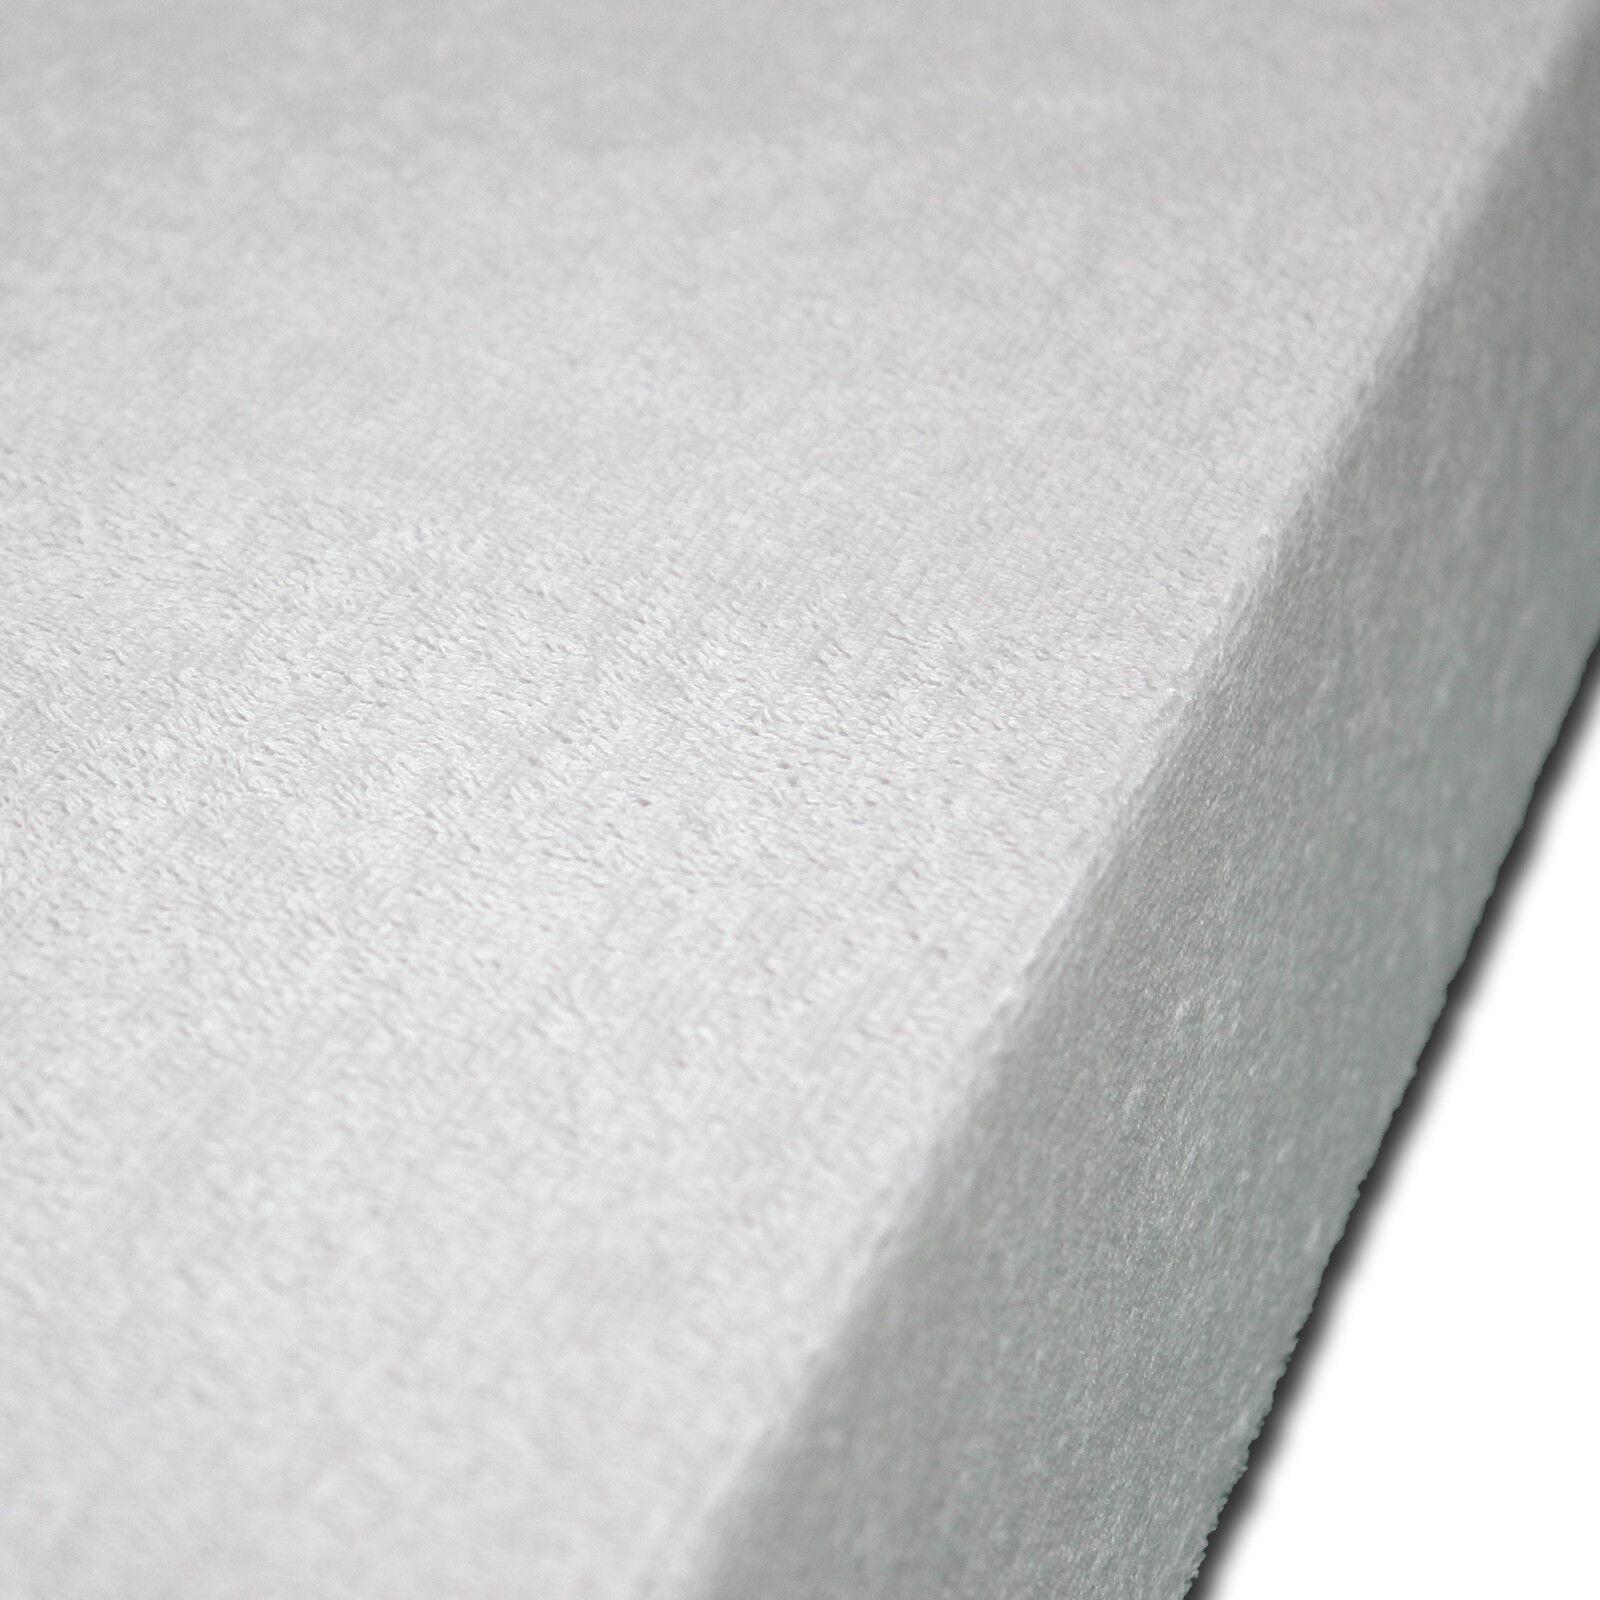 Matratzenbezug Matratzenschoner  WASSERDICHT   INKONTINENZ   FROTTEE  Sondermaß